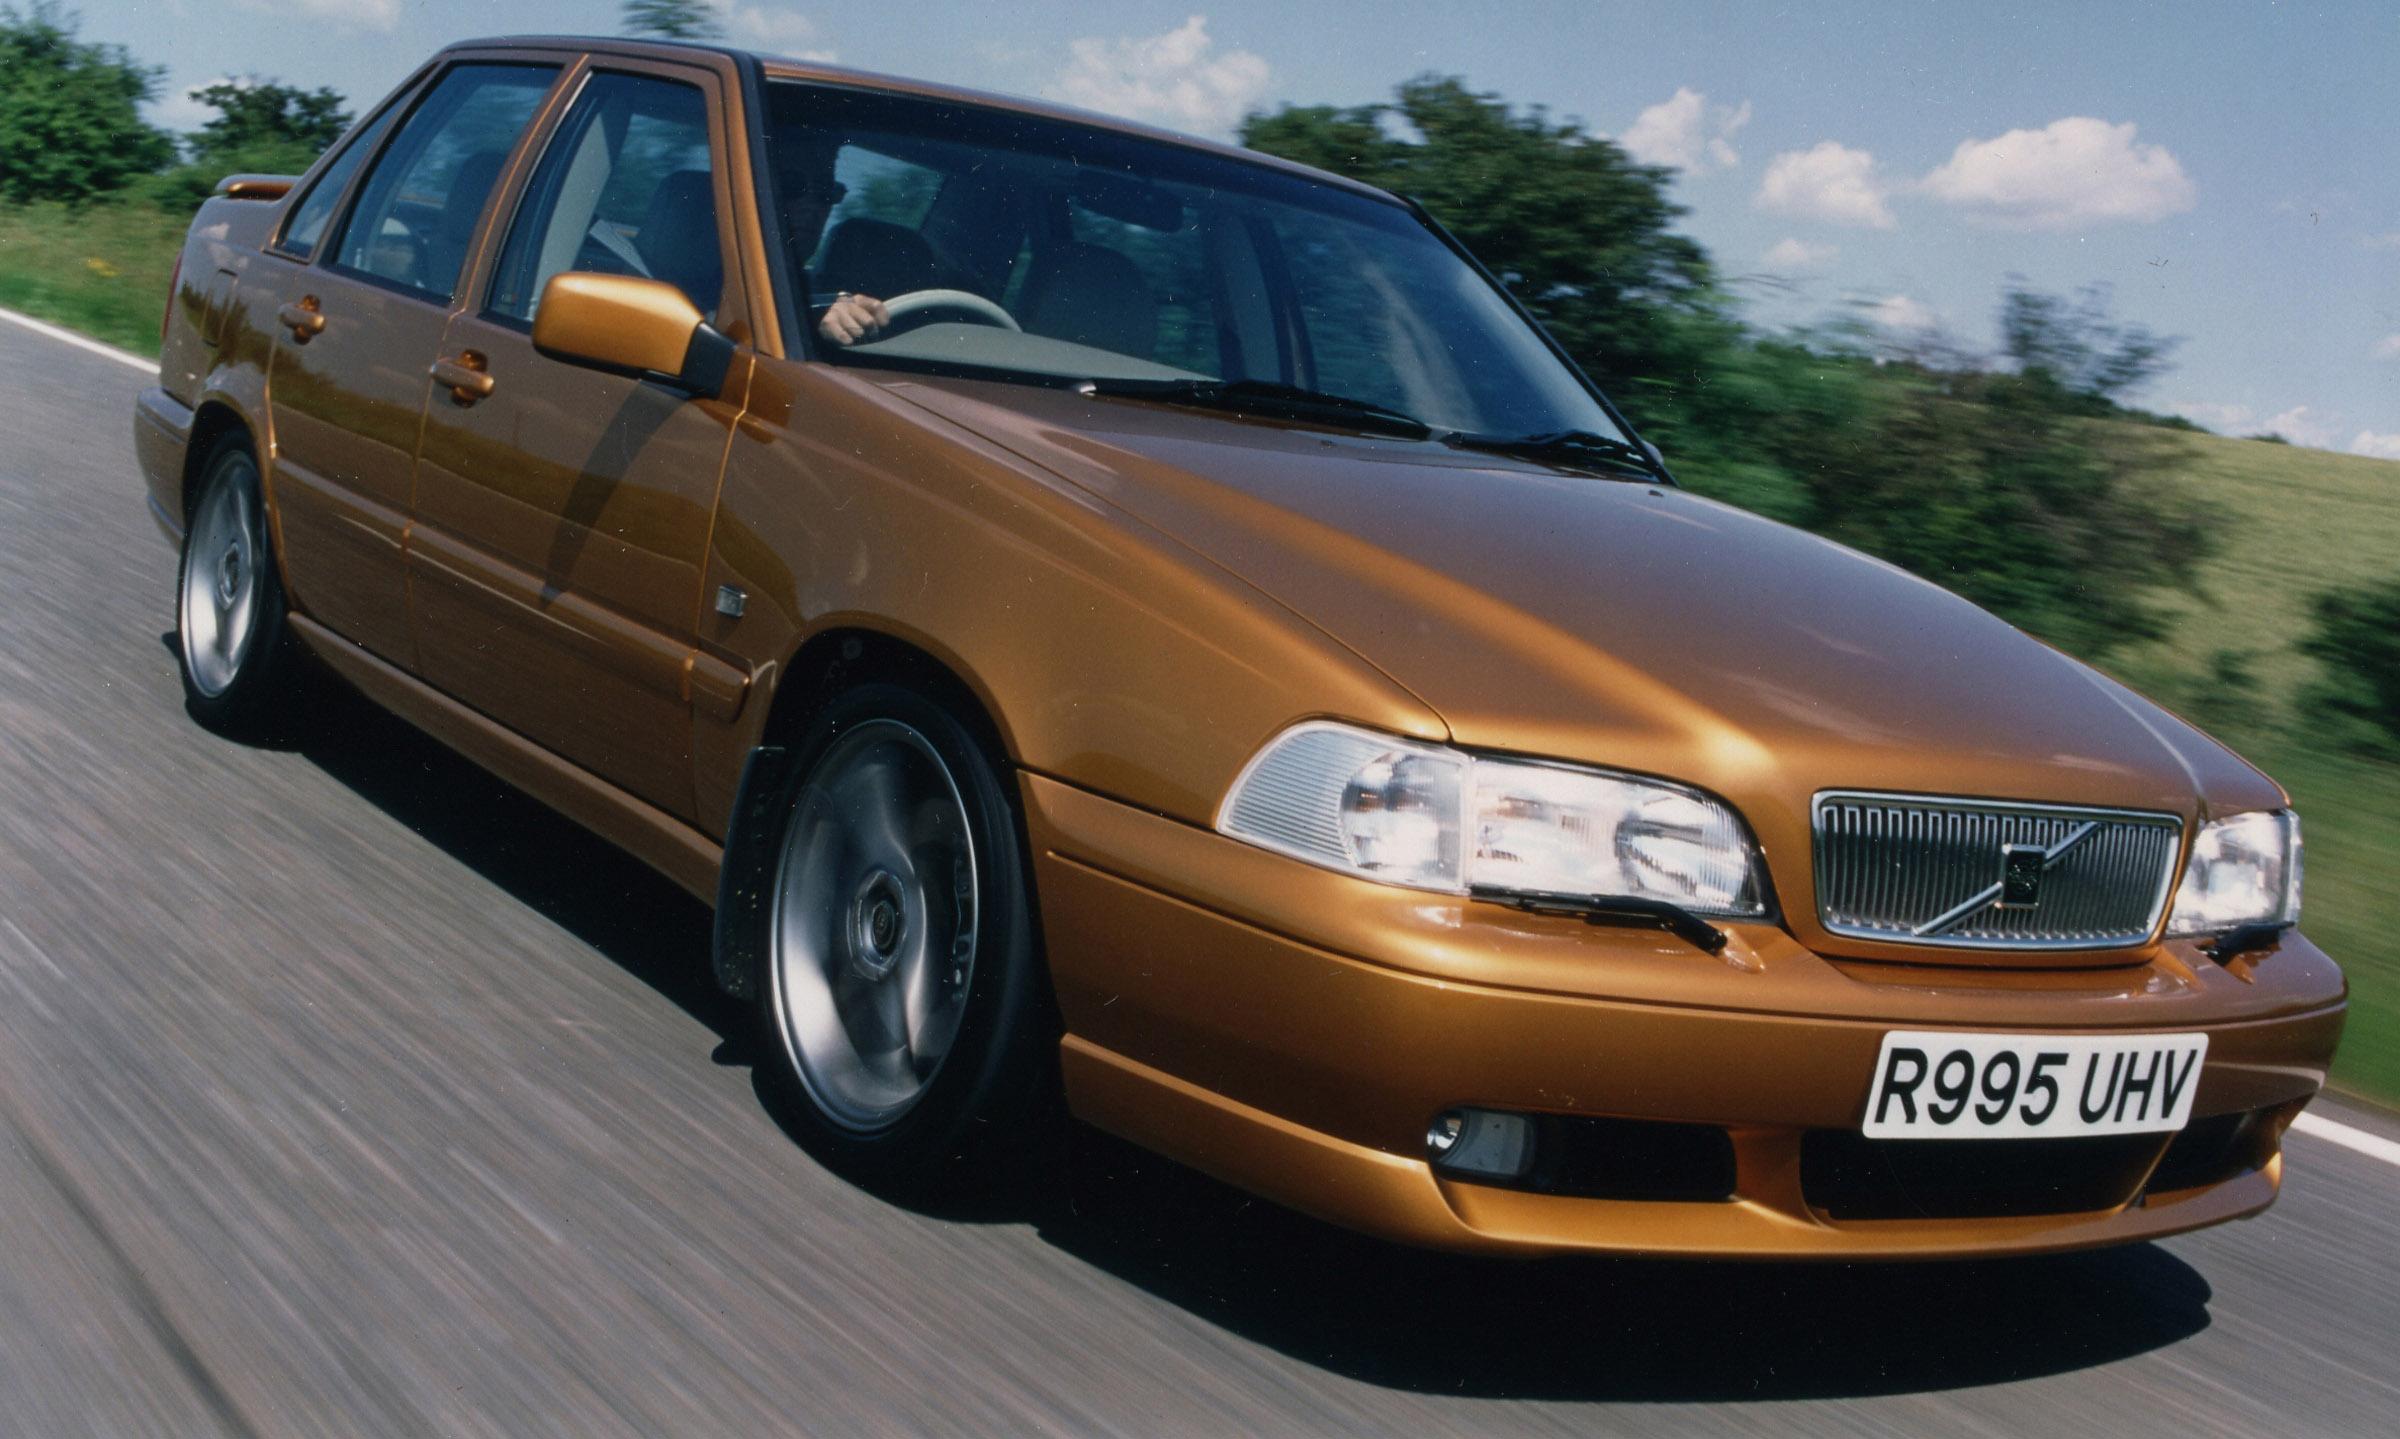 Volvo S70 R 1997 Picture 14131